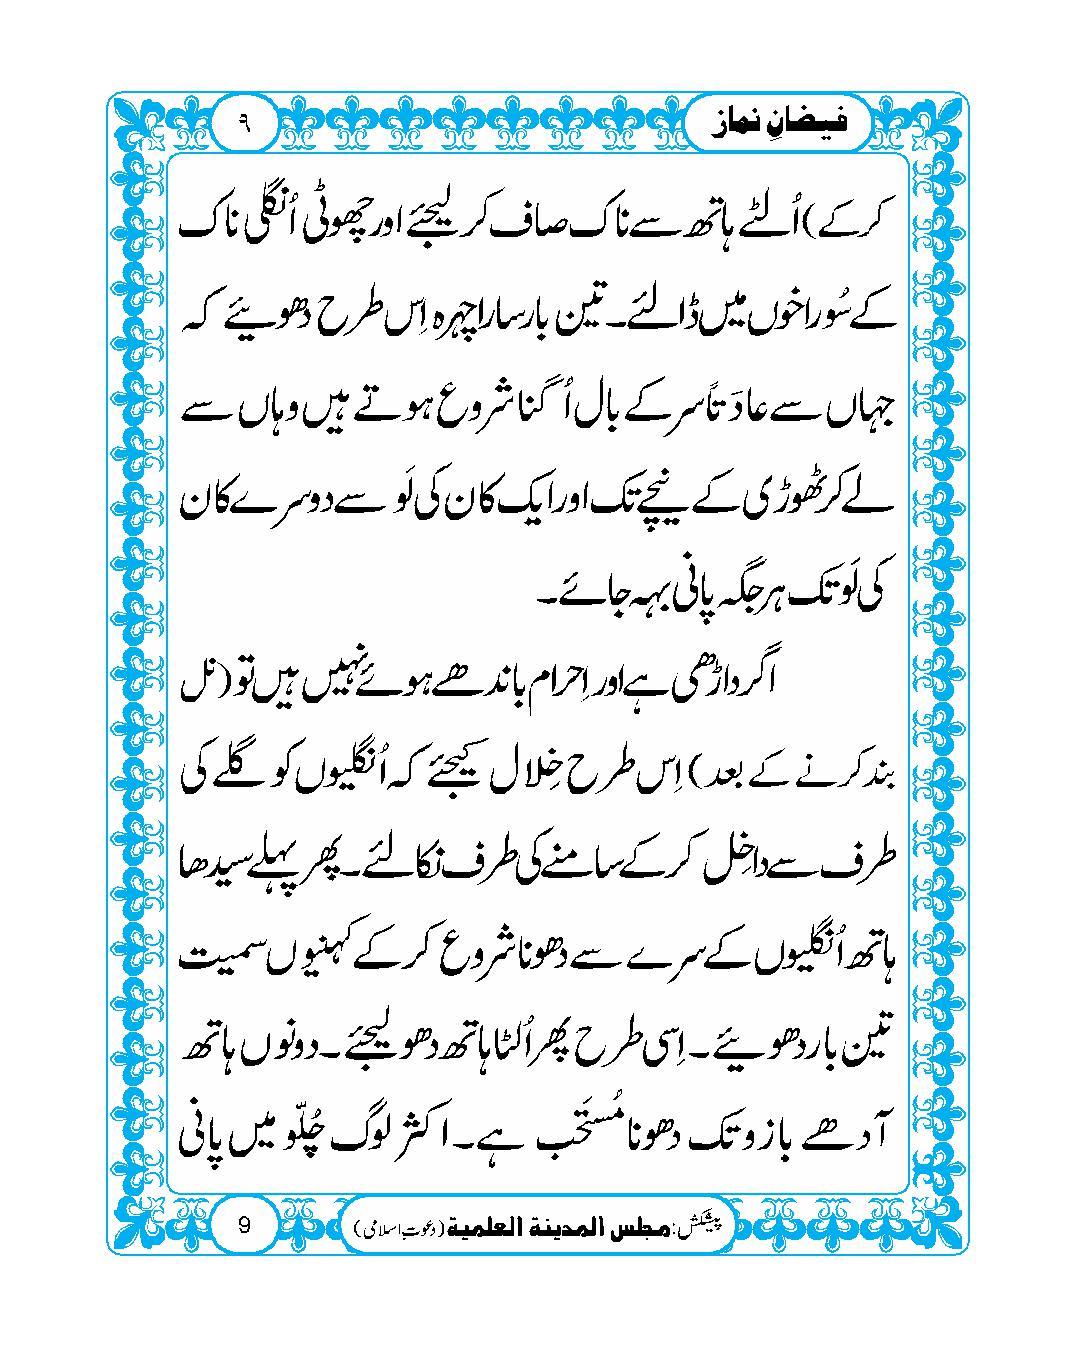 page No 9